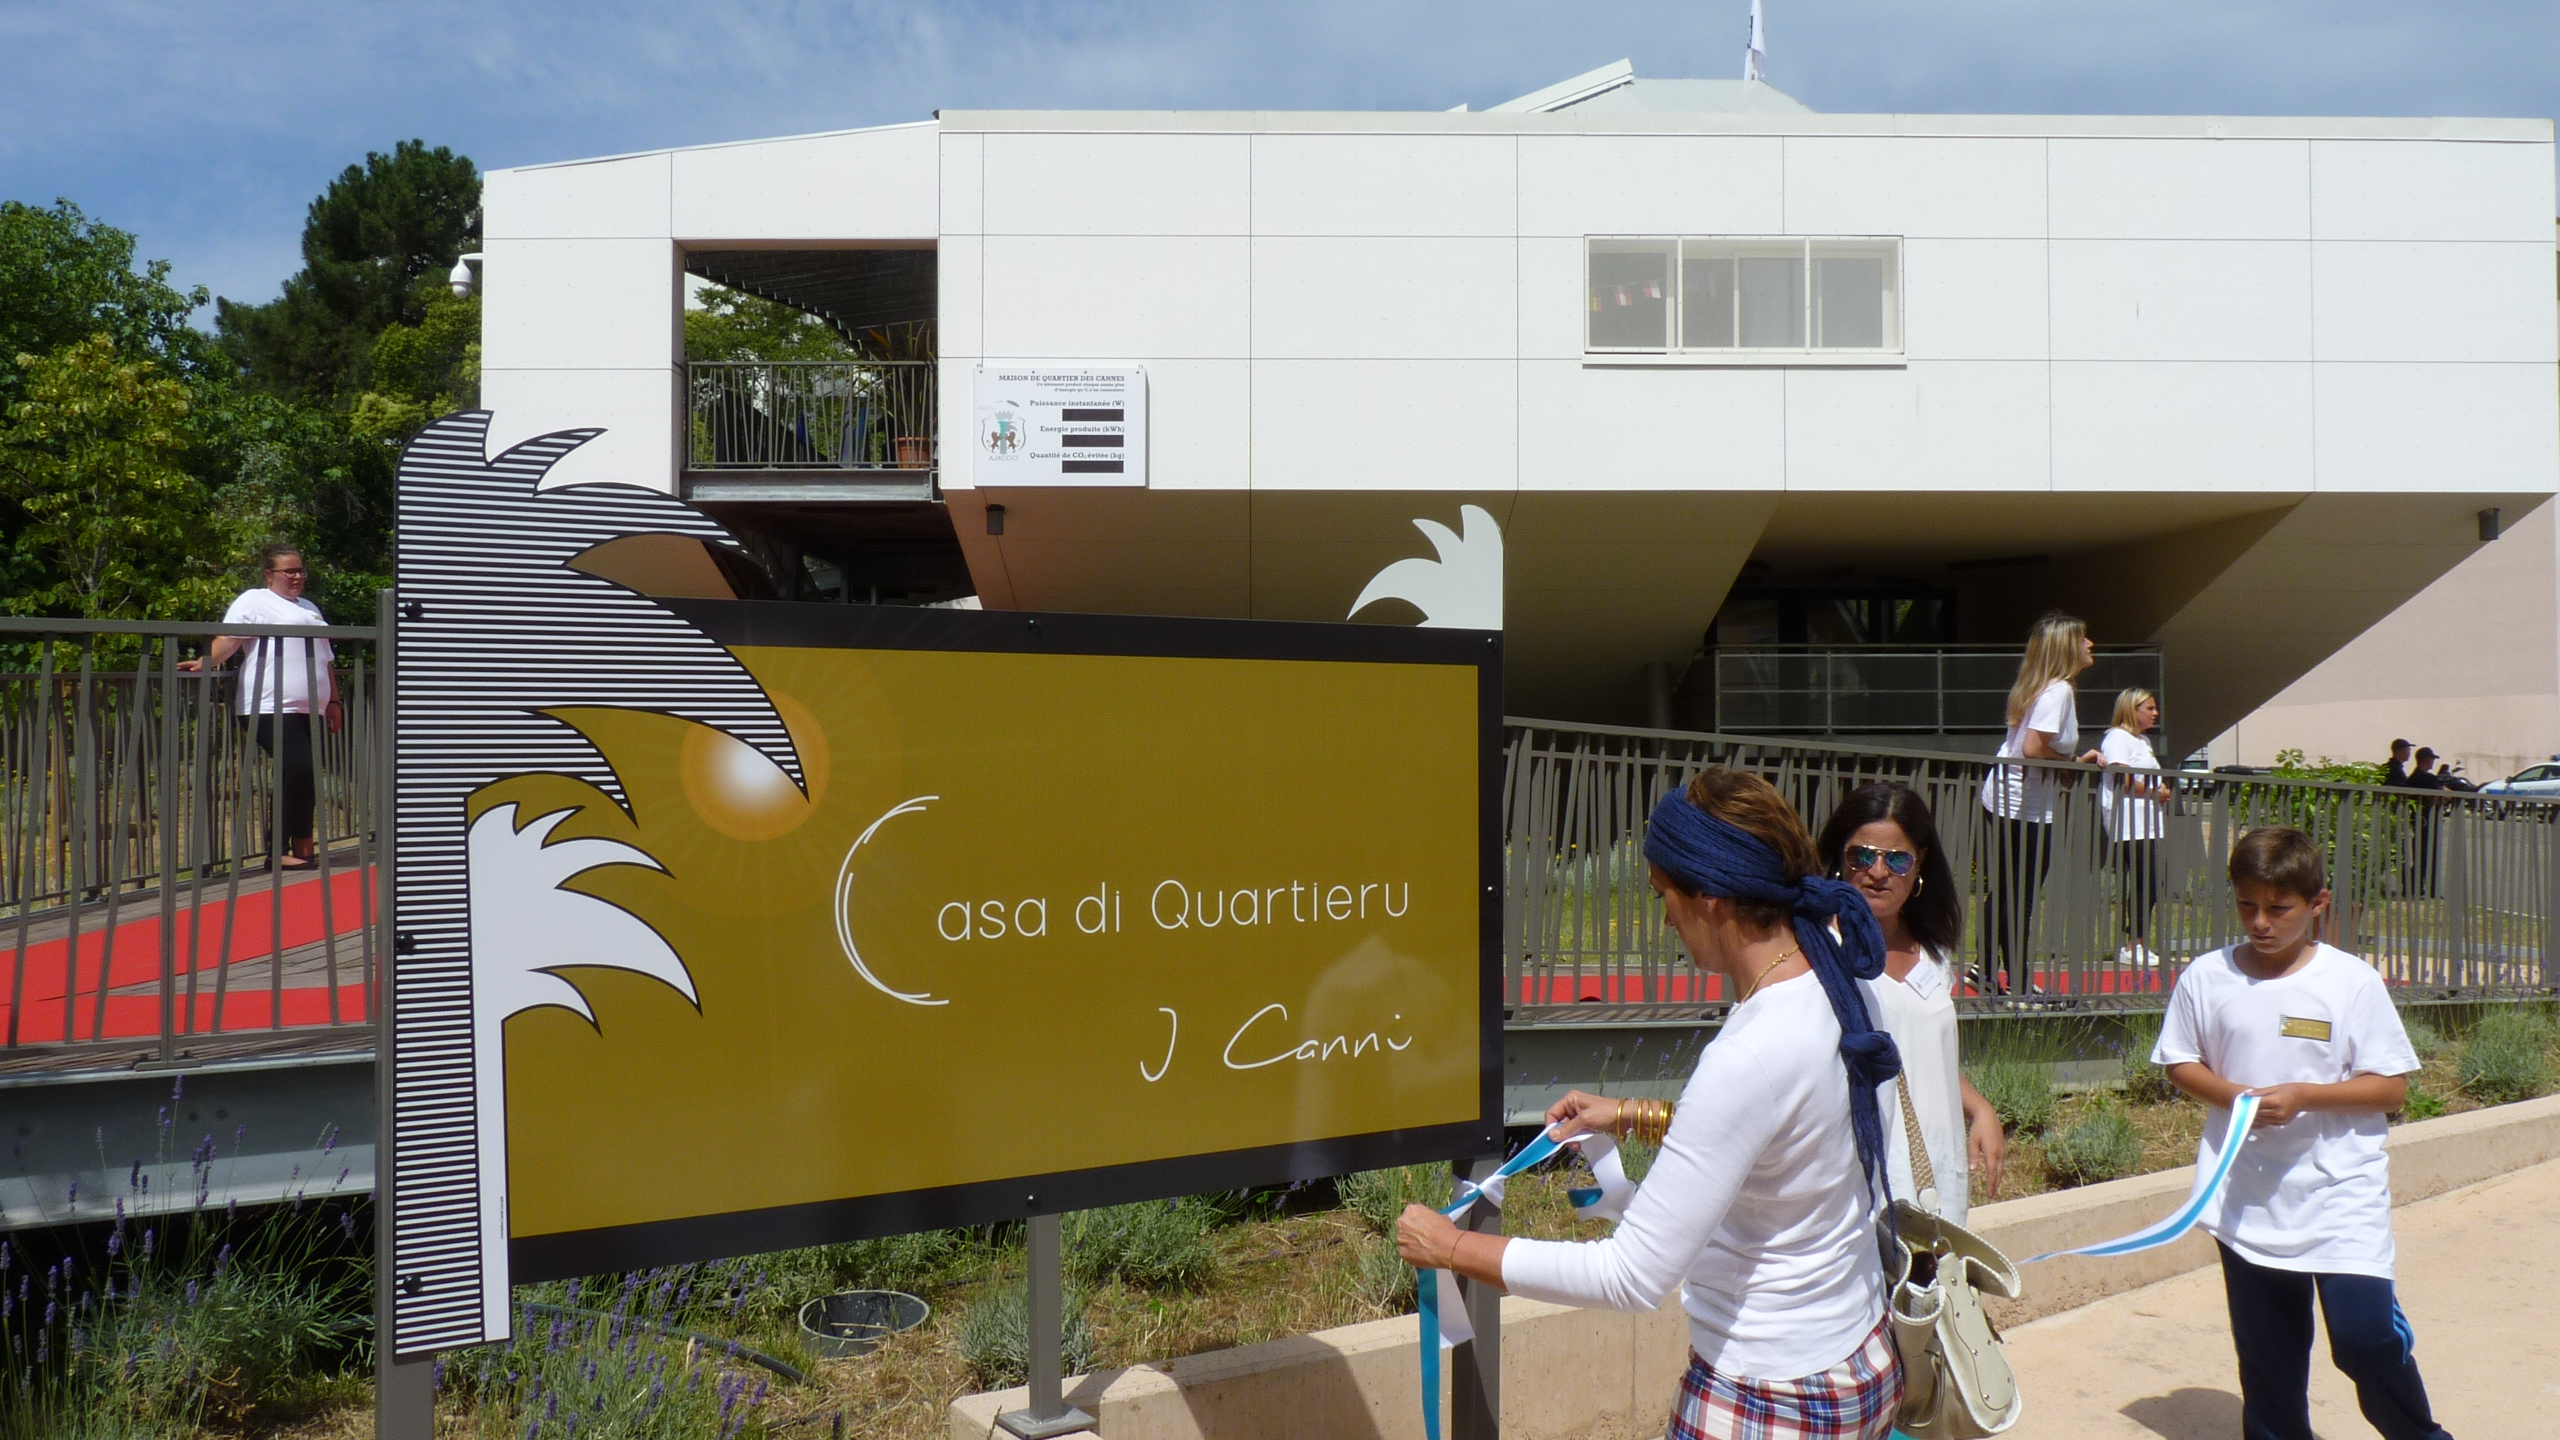 Maison de quartier des cannes ajaccio l outil for Animateur maison de quartier